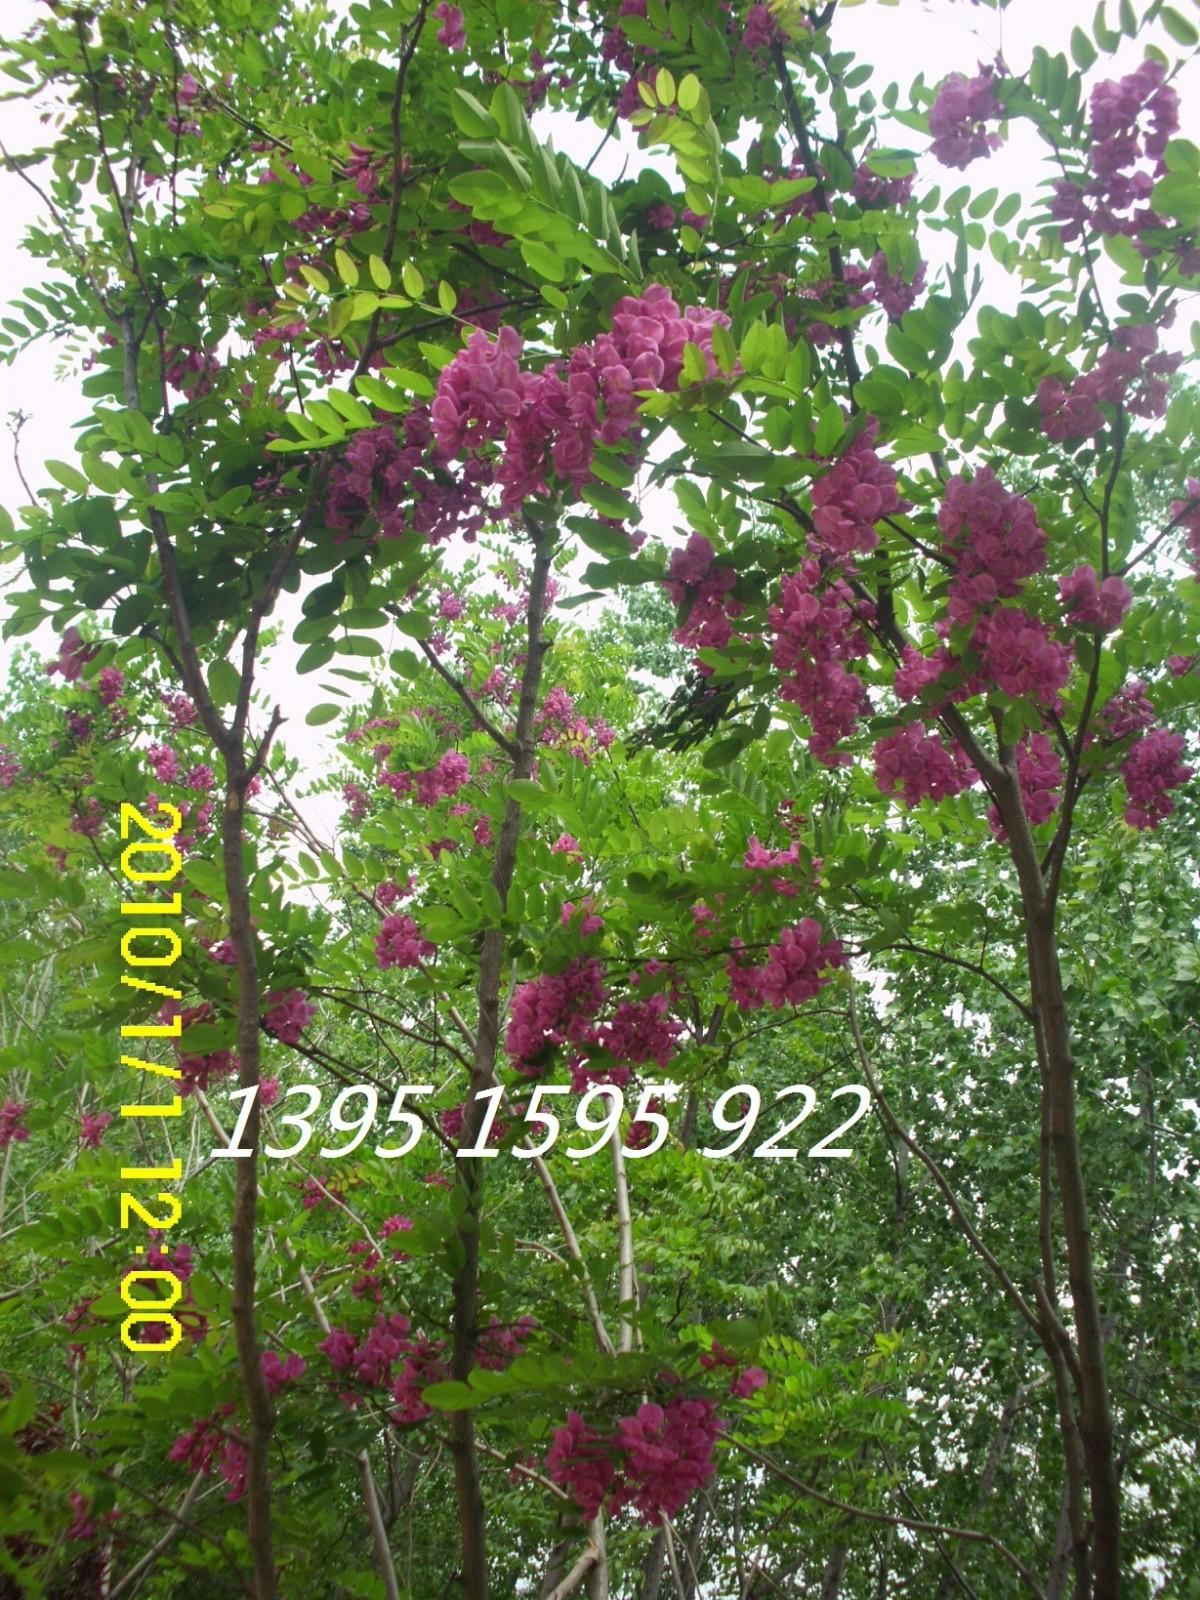 刺槐的种子很珍贵(净籽一般是30元/斤)。刺槐木材坚硬,耐腐蚀,燃烧缓慢,热值高。刺槐花还可食用。 刺槐的繁殖: 秋季,刺槐荚果由绿色变为赤褐色,荚皮变硬呈干枯状,即为成熟,应适时采种,并经日晒、除去果皮、秕粒和夹杂物,取得纯净种子。荚果出种率为10-20%,千粒重约为20g,2400粒/斤,发芽率为80-90%。选择有水浇条件、排水良好、深厚肥沃的砂壤土育苗最好;土壤含盐量要在0.